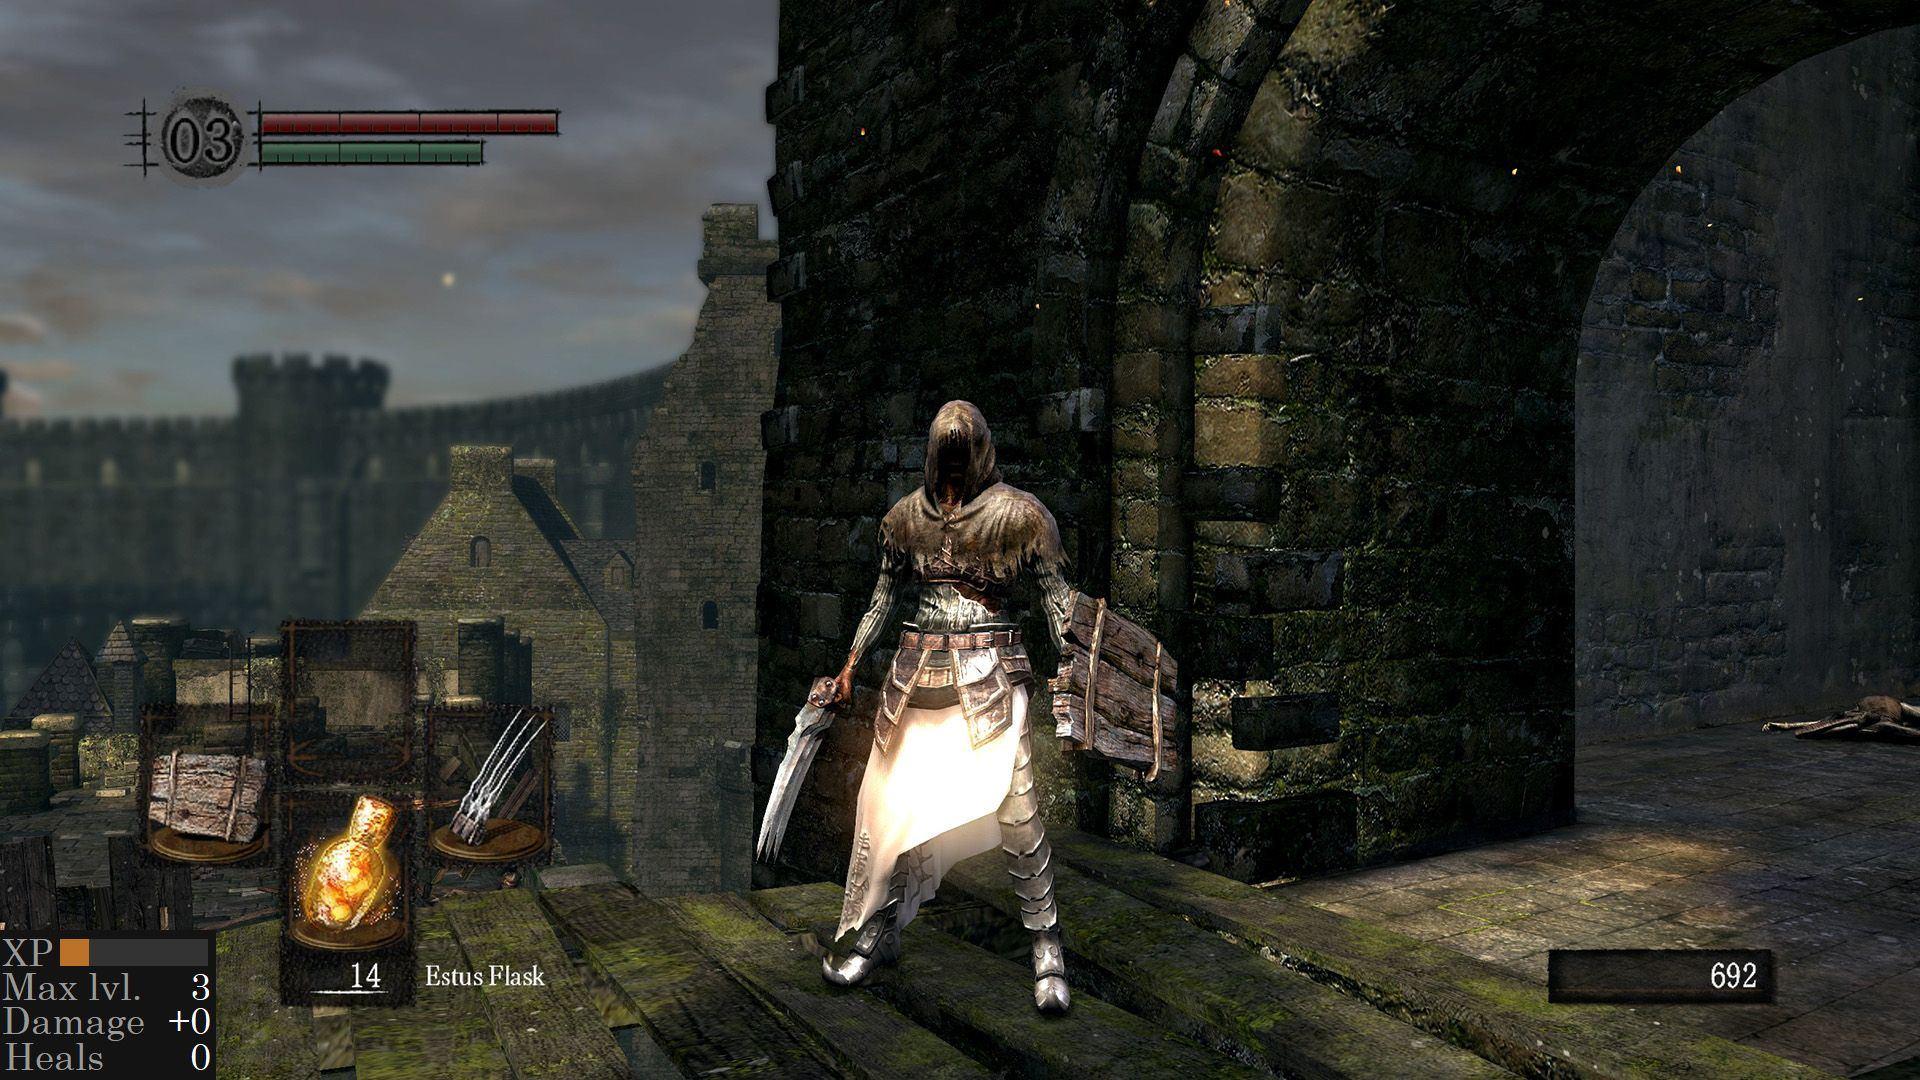 Elder scroll online ps4 release date